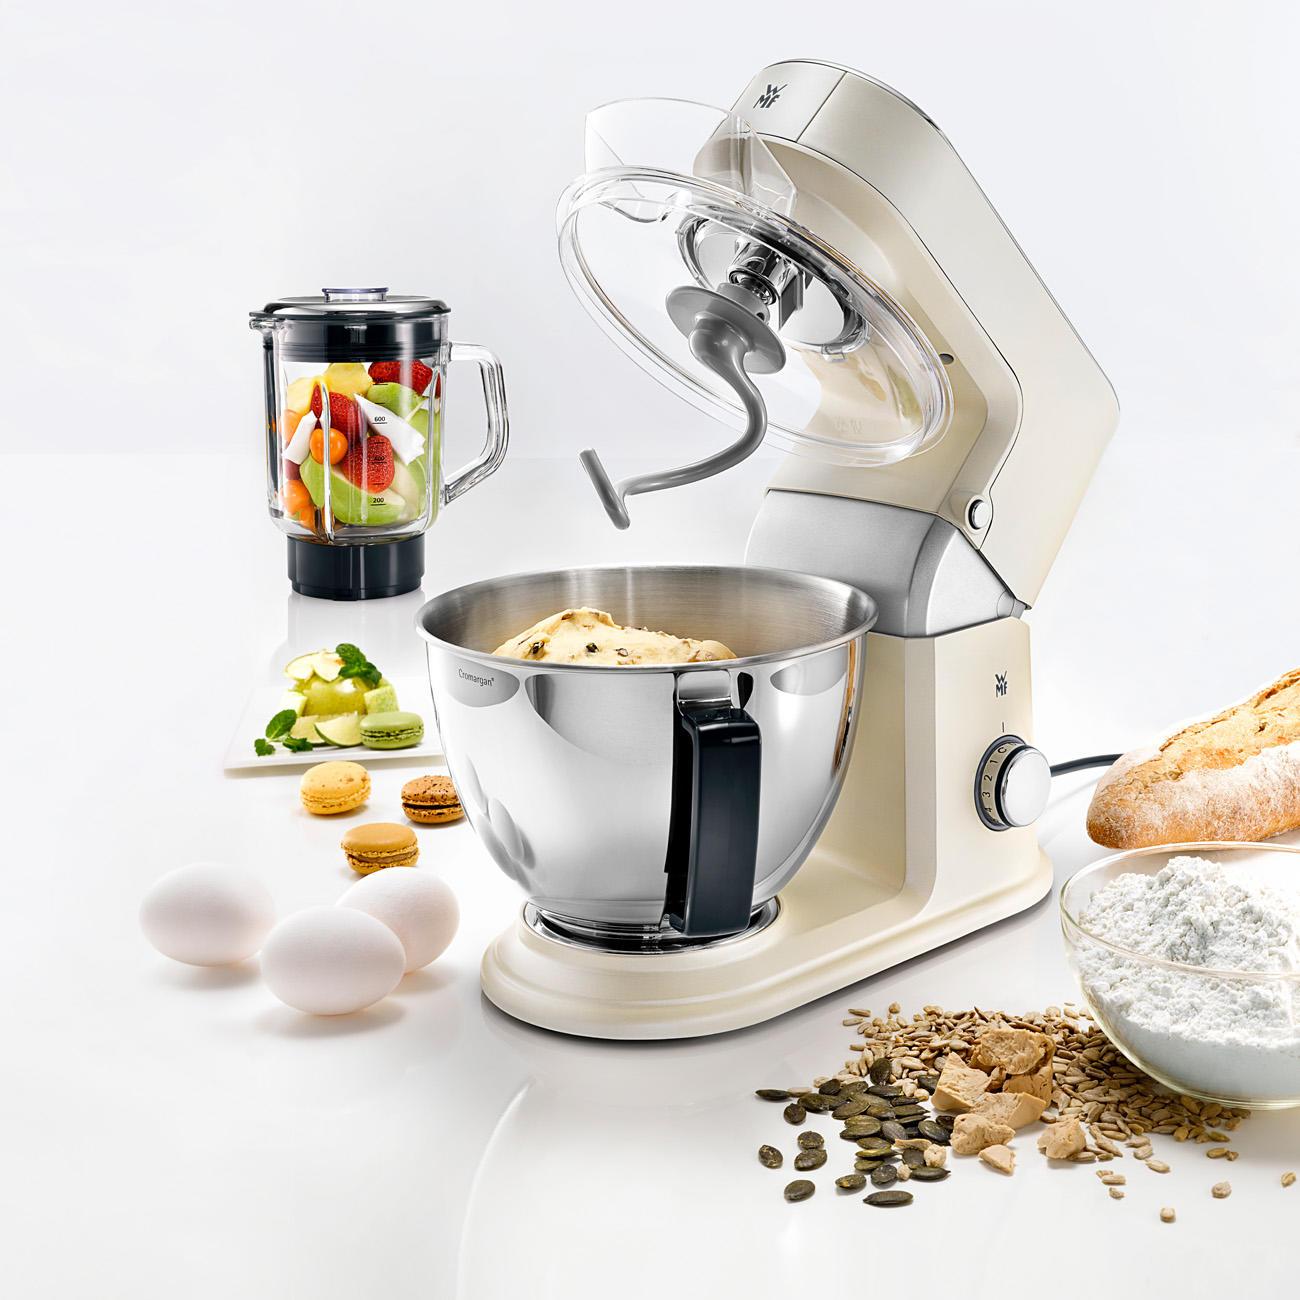 Acheter robot m nager wmf k chenminis en ligne pas cher for Robot cuisine professionnel